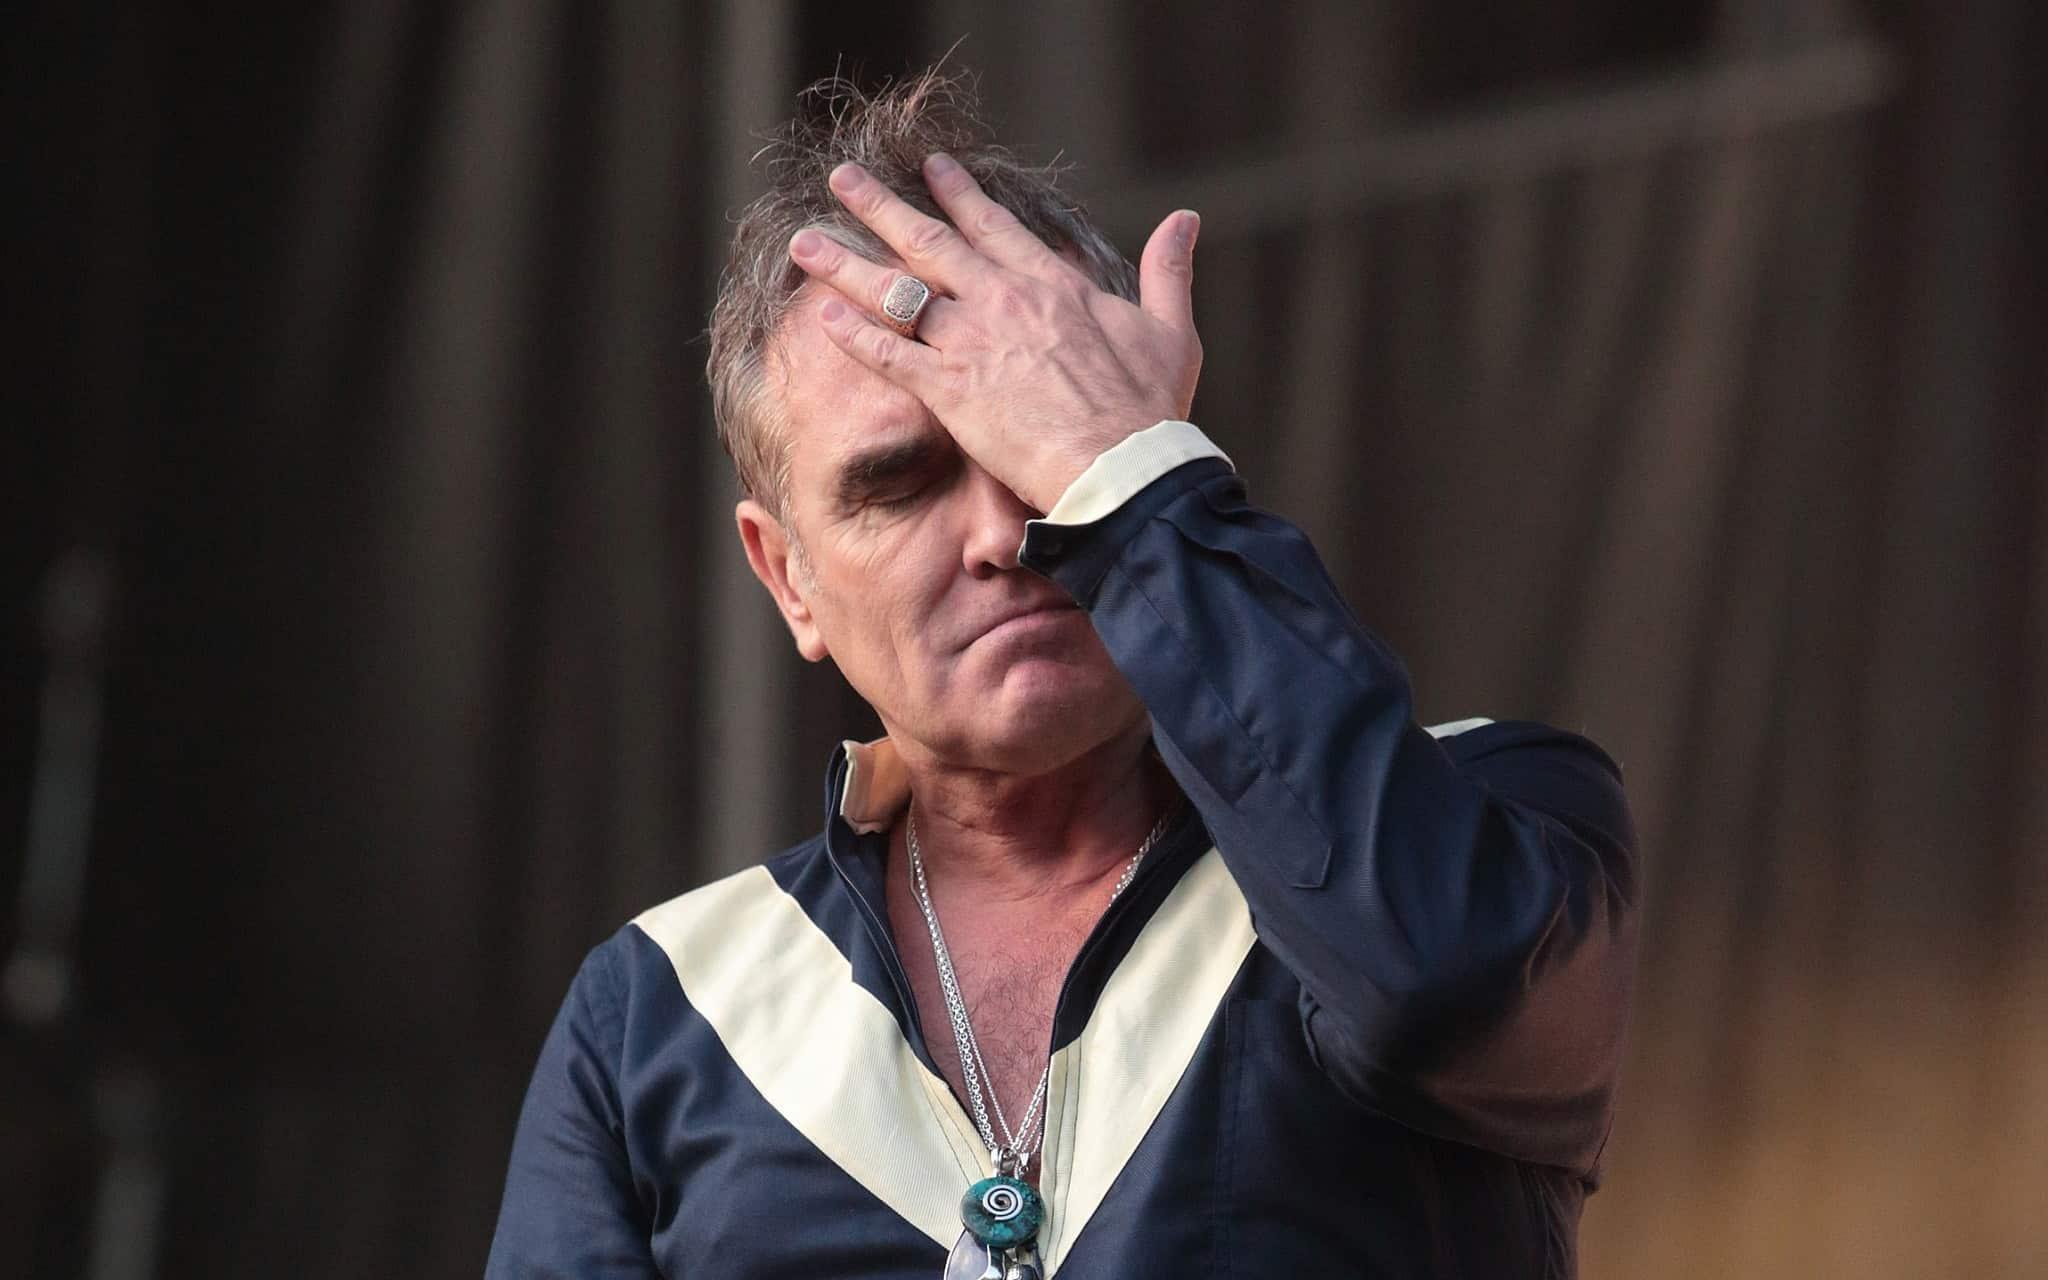 מוריסי בהופעה, בפסטיבל פיירפליי 2015 (צילום: Owen Sweeney/Invision/AP)